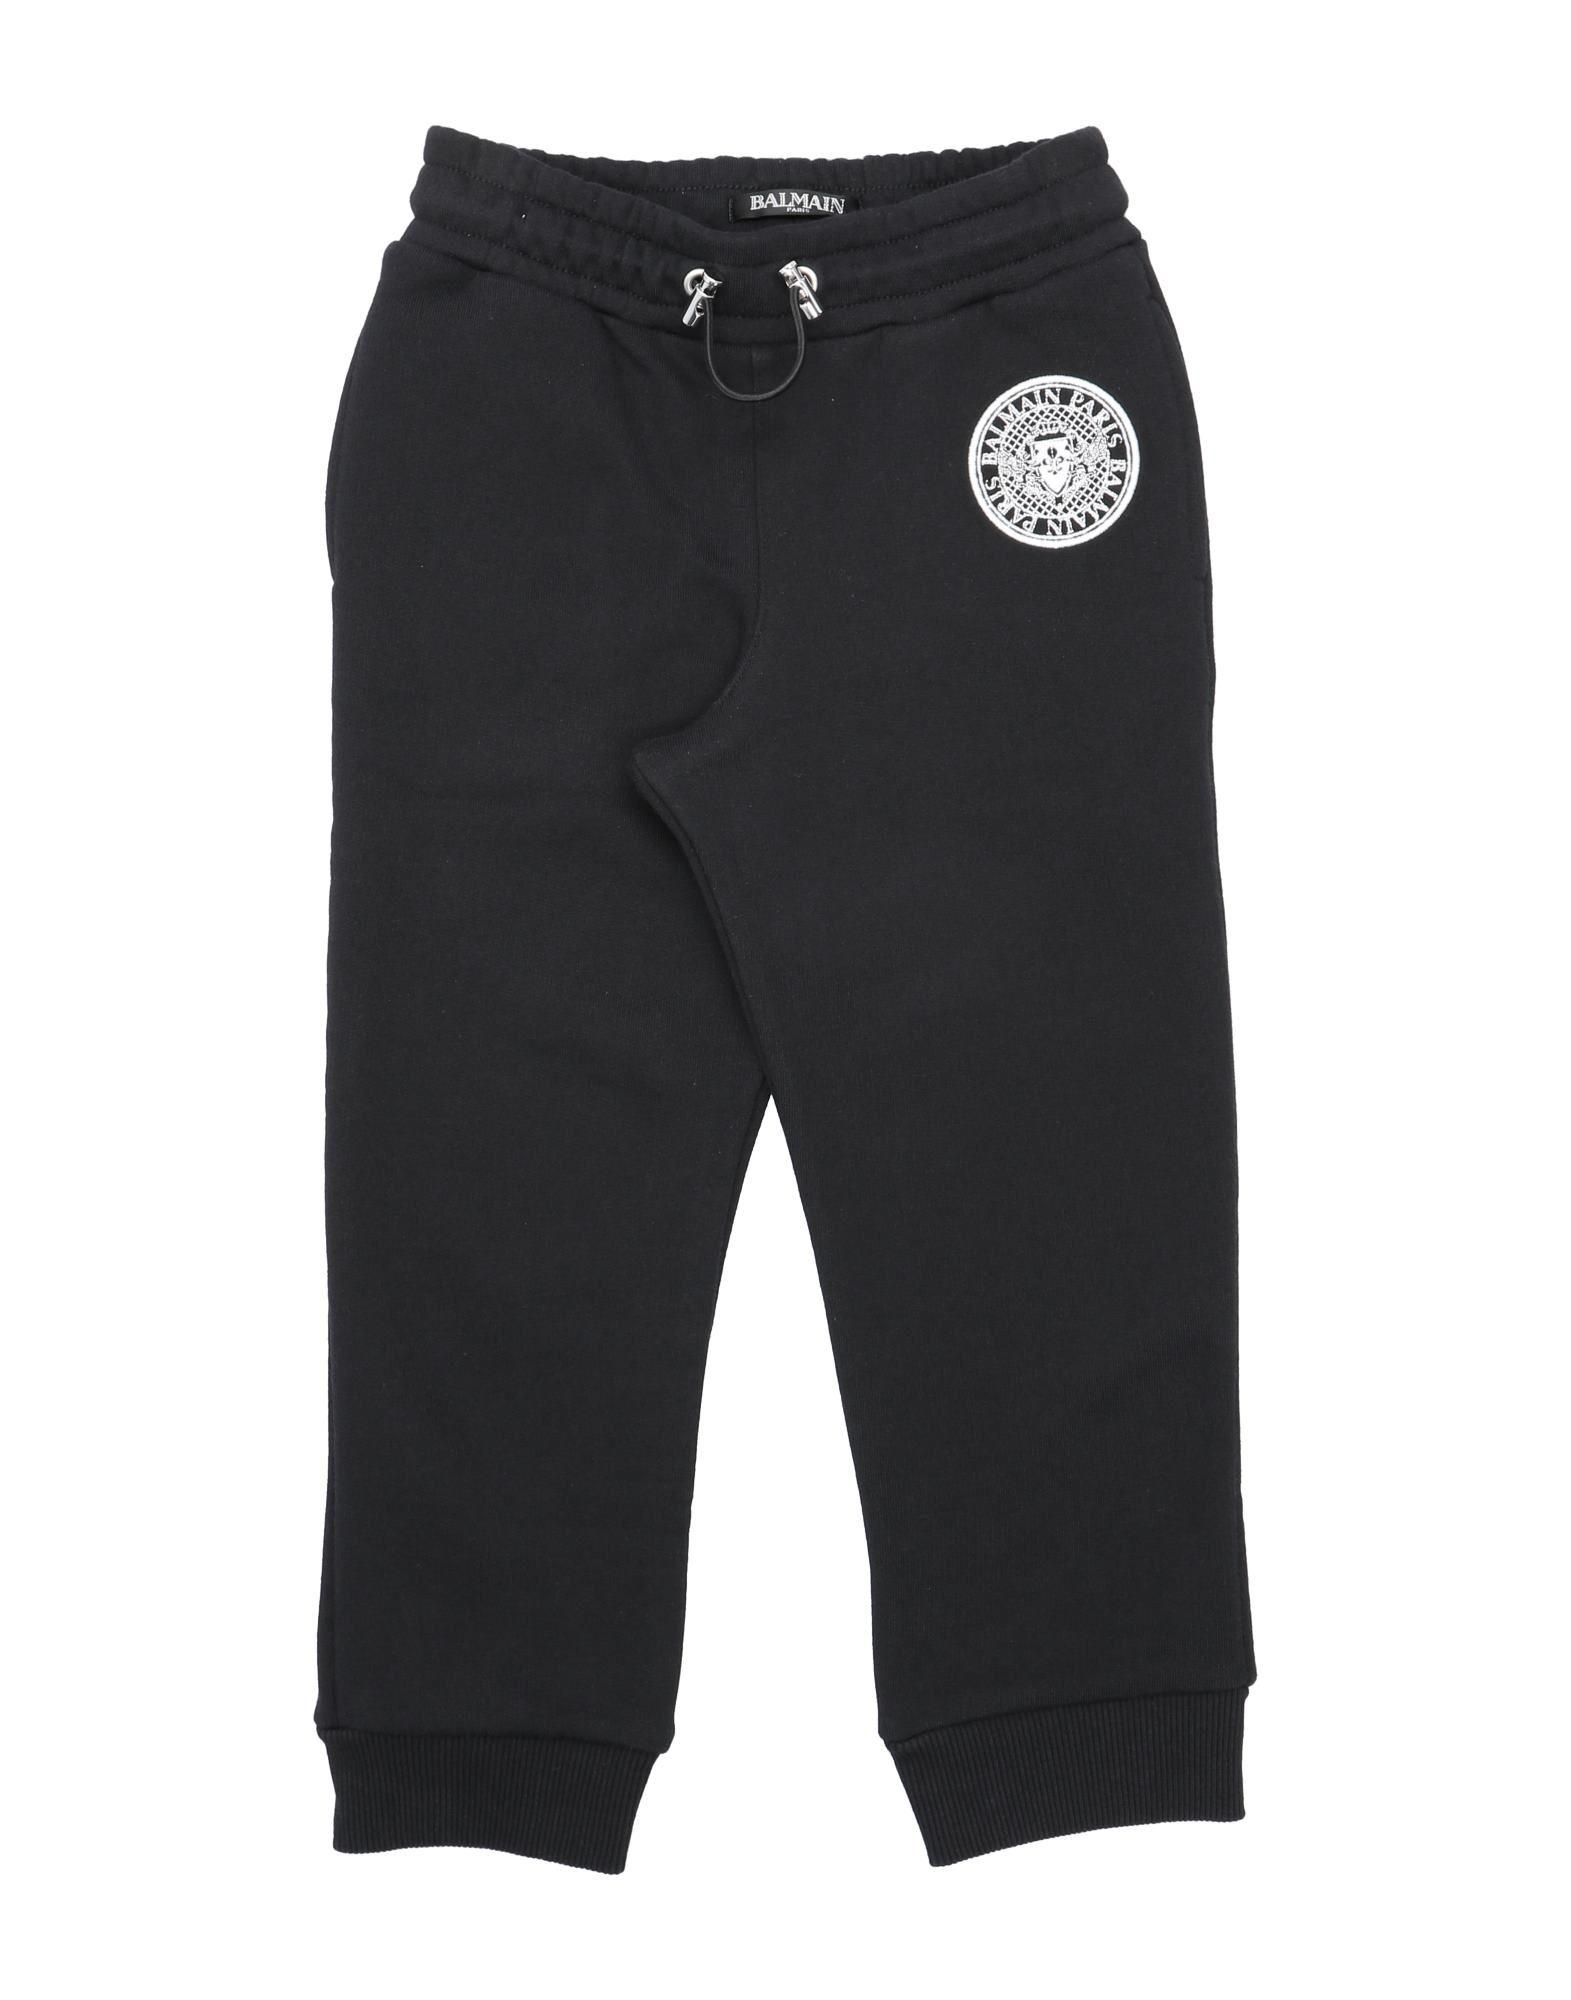 Balmain Kids' Casual Pants In Black